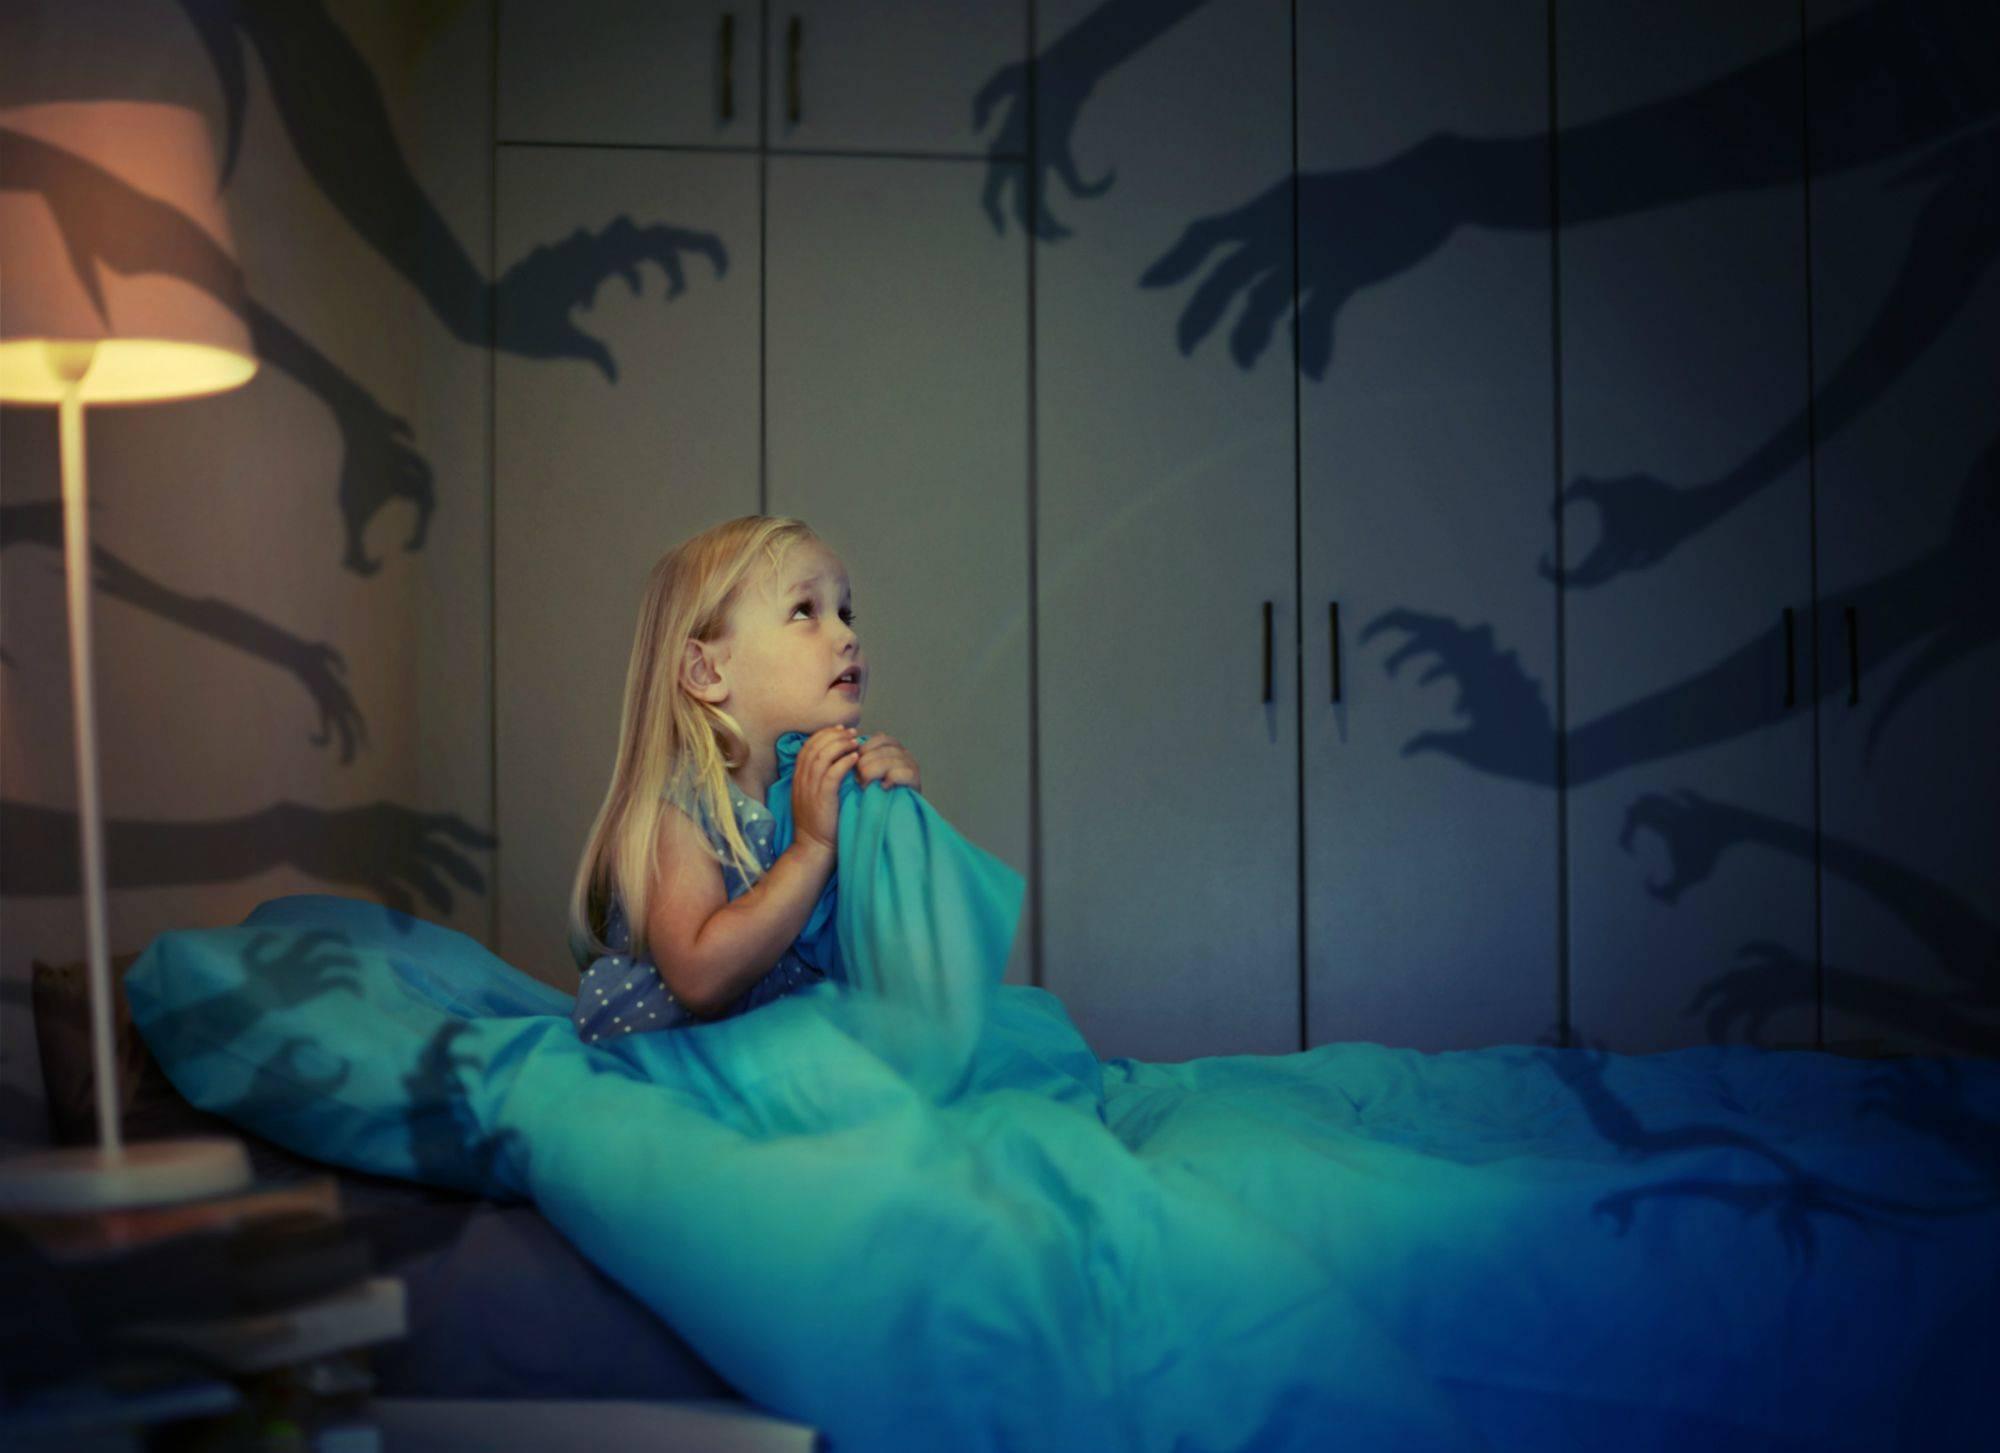 Детские ночные страхи: что делать, если ребенок просыпается по ночам от кошмара и плачет